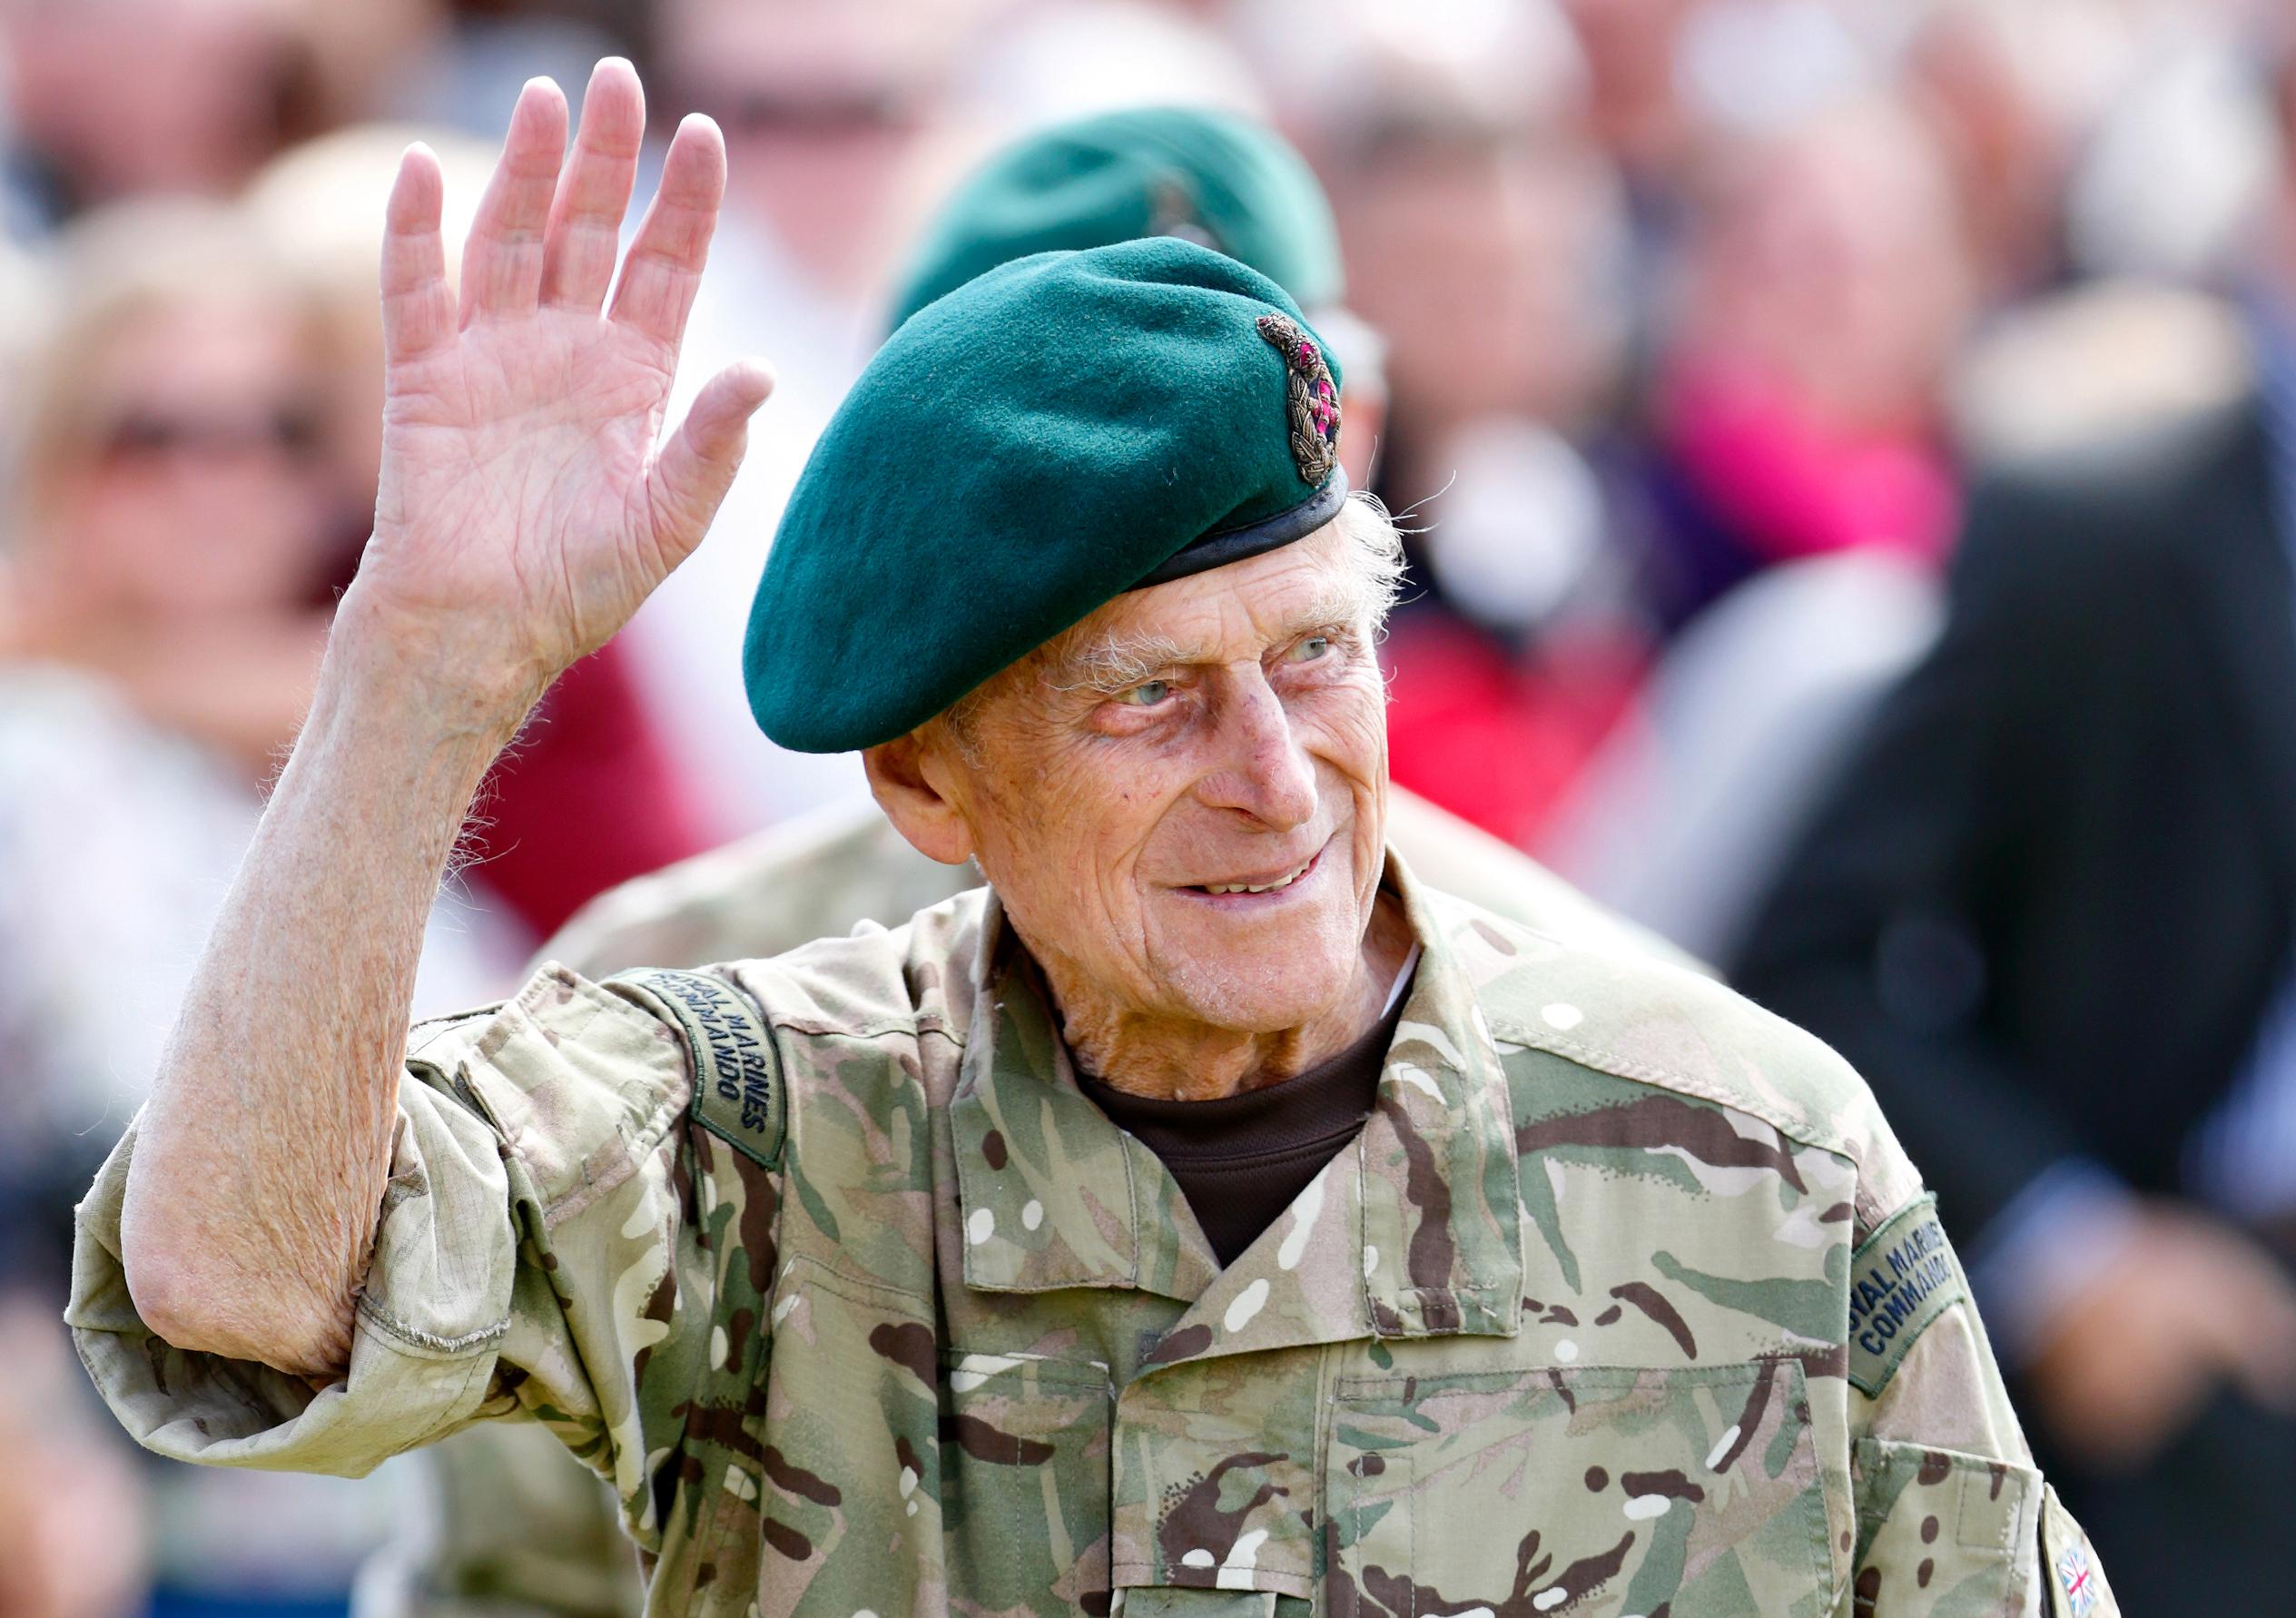 Прощайте, Ваше королевское высочество принц Филипп, герцог Эдинбургский, принц Греческий и Датский!    Вас помнят.